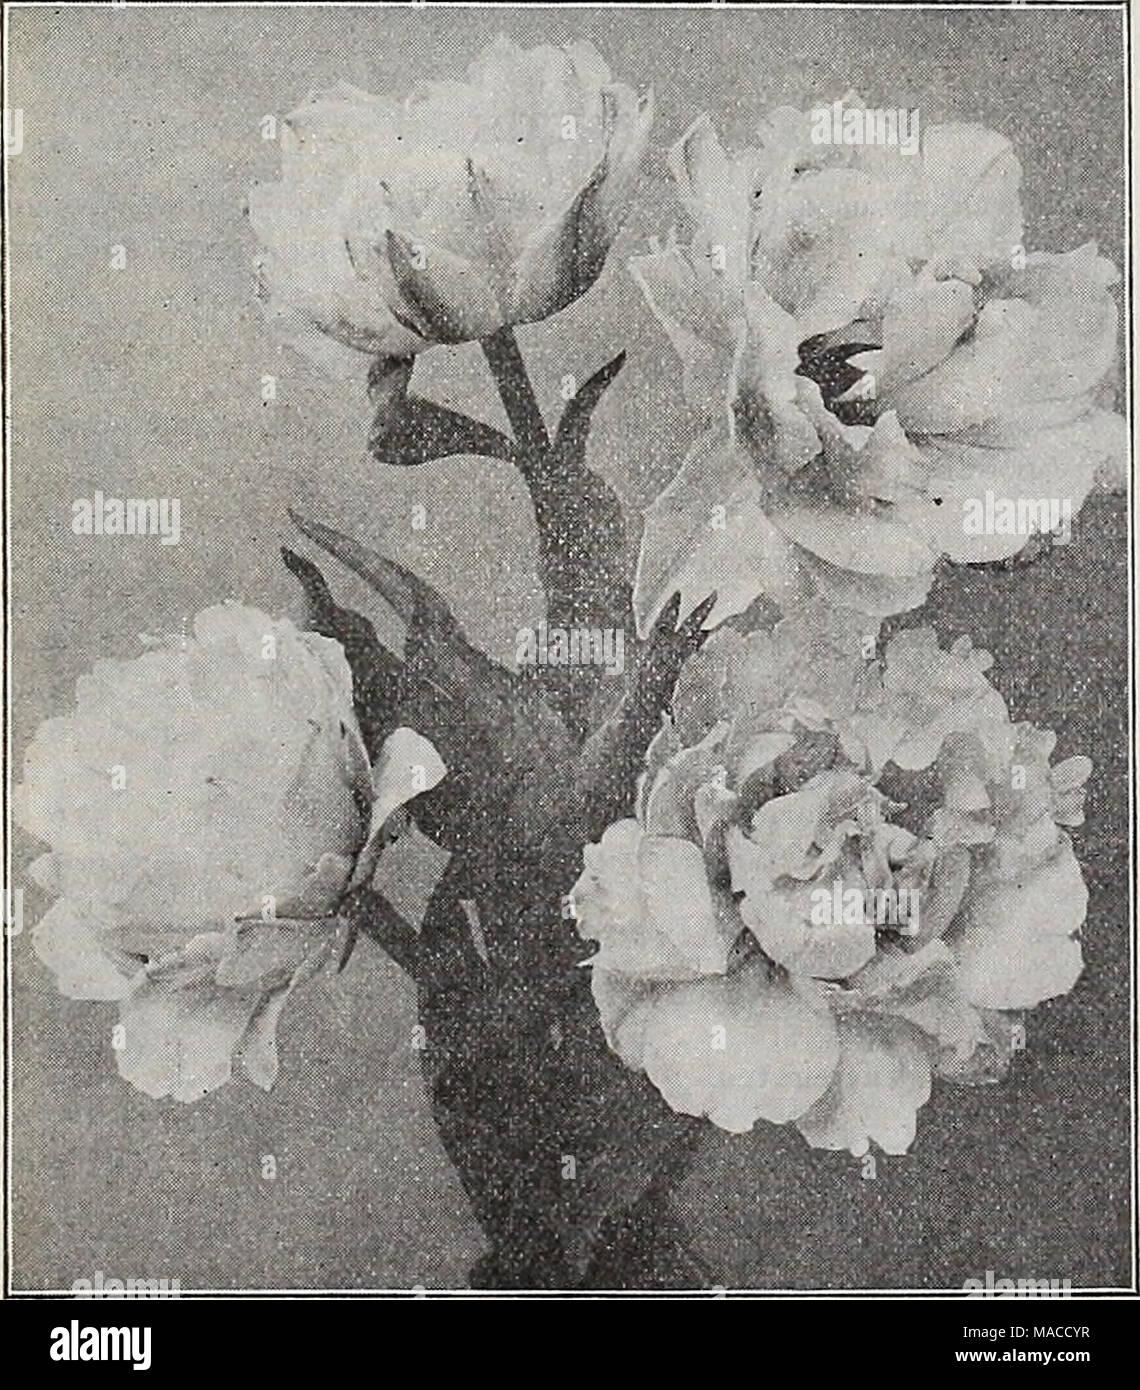 . Dreer all'ingrosso listino prezzi : i semi per fioristi impianti per fioristi lampadine per fioristi semi vegetali, fungicidi, fertilizzanti, insetticidi, attrezzi, Sundries, etc . Unico primi tulipani KAISER KROON Rose Qrisdlein. Rosa delicato, fine per la forzatura e la biancheria da letto ... Standard di argento. Bianco, crimson striped .... Sir Thos. Lipton. Il più ricco di tutti i tulipani scarlatto, extra fine iVloore Thomas. Arancio brillante, ammenda Van Der Neer. Rosy viola, distinte e abbastanza . Vermiglio brillante. Vermiglio scarlatto, belle . . White Hawk (Albion). Un bel bianco puro o bedder forzatore ... Wouverman. Violetto, f Foto Stock